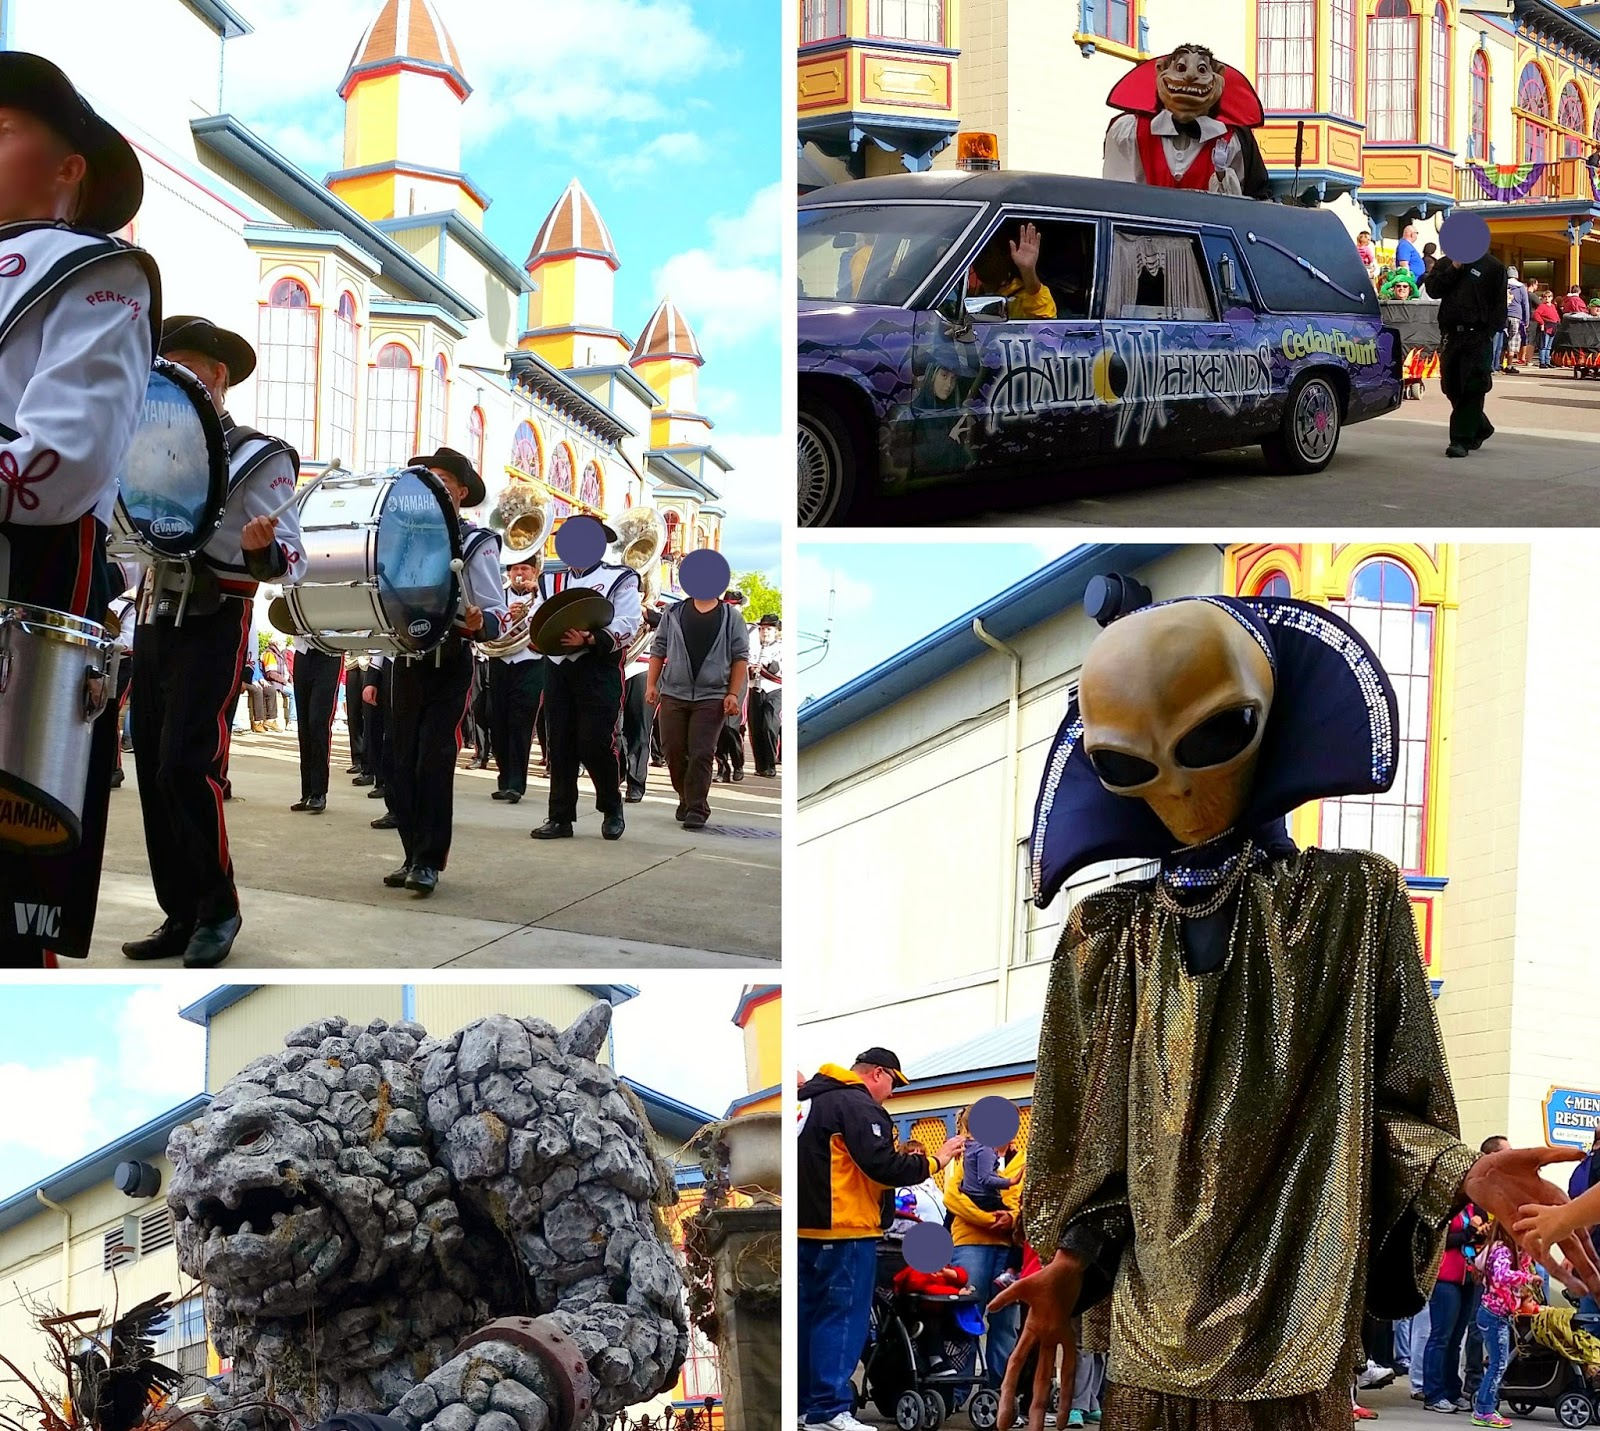 #ad Cedar Point Hallo Weekends Parade